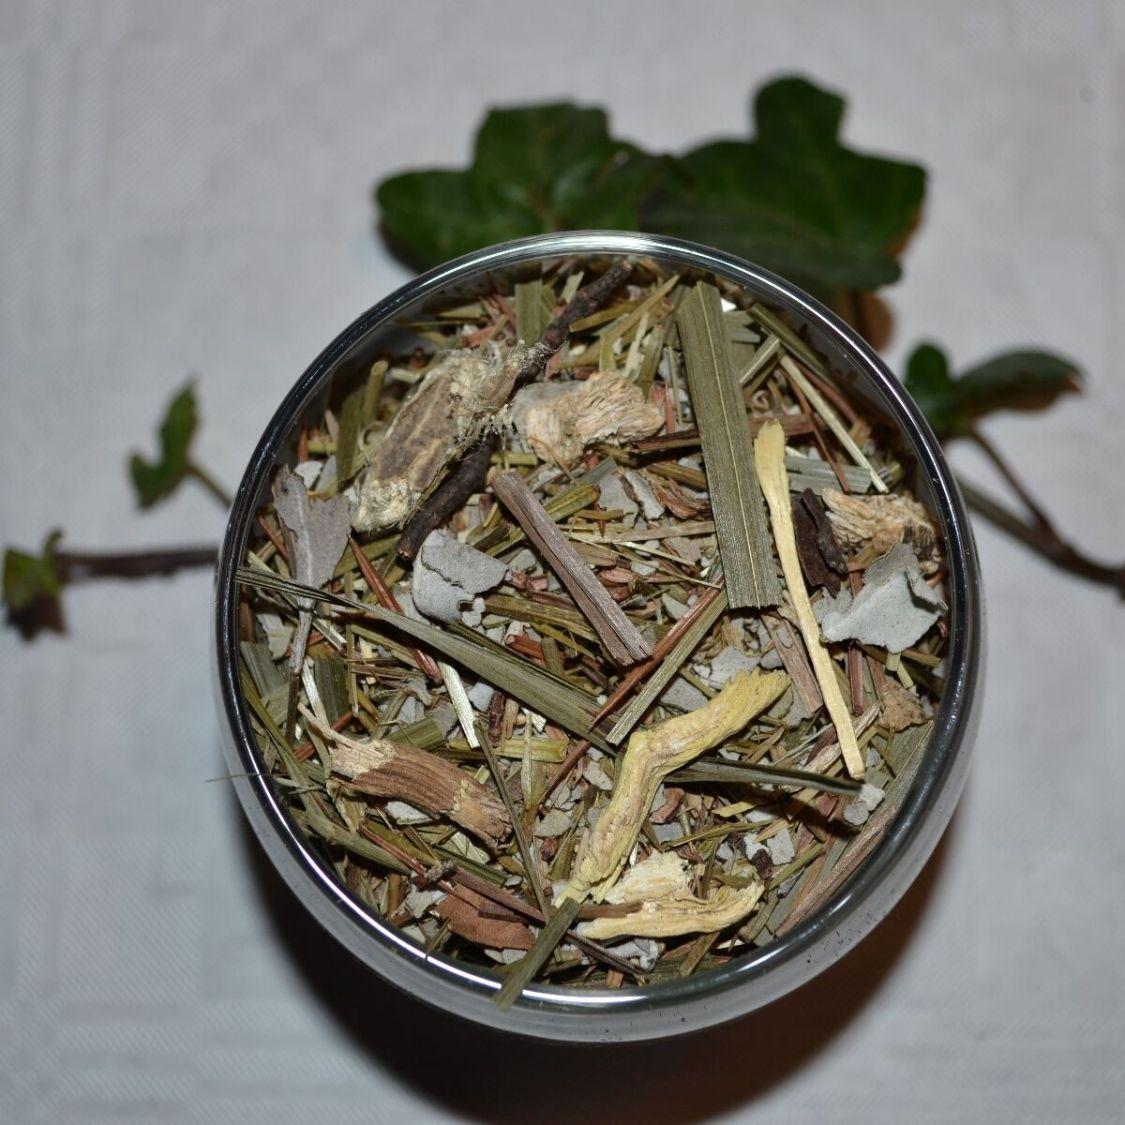 € 35/100g HAUSREINIGUNG Räuchermischung 10 g Räucherwerk Weihrauch weißer Salbei